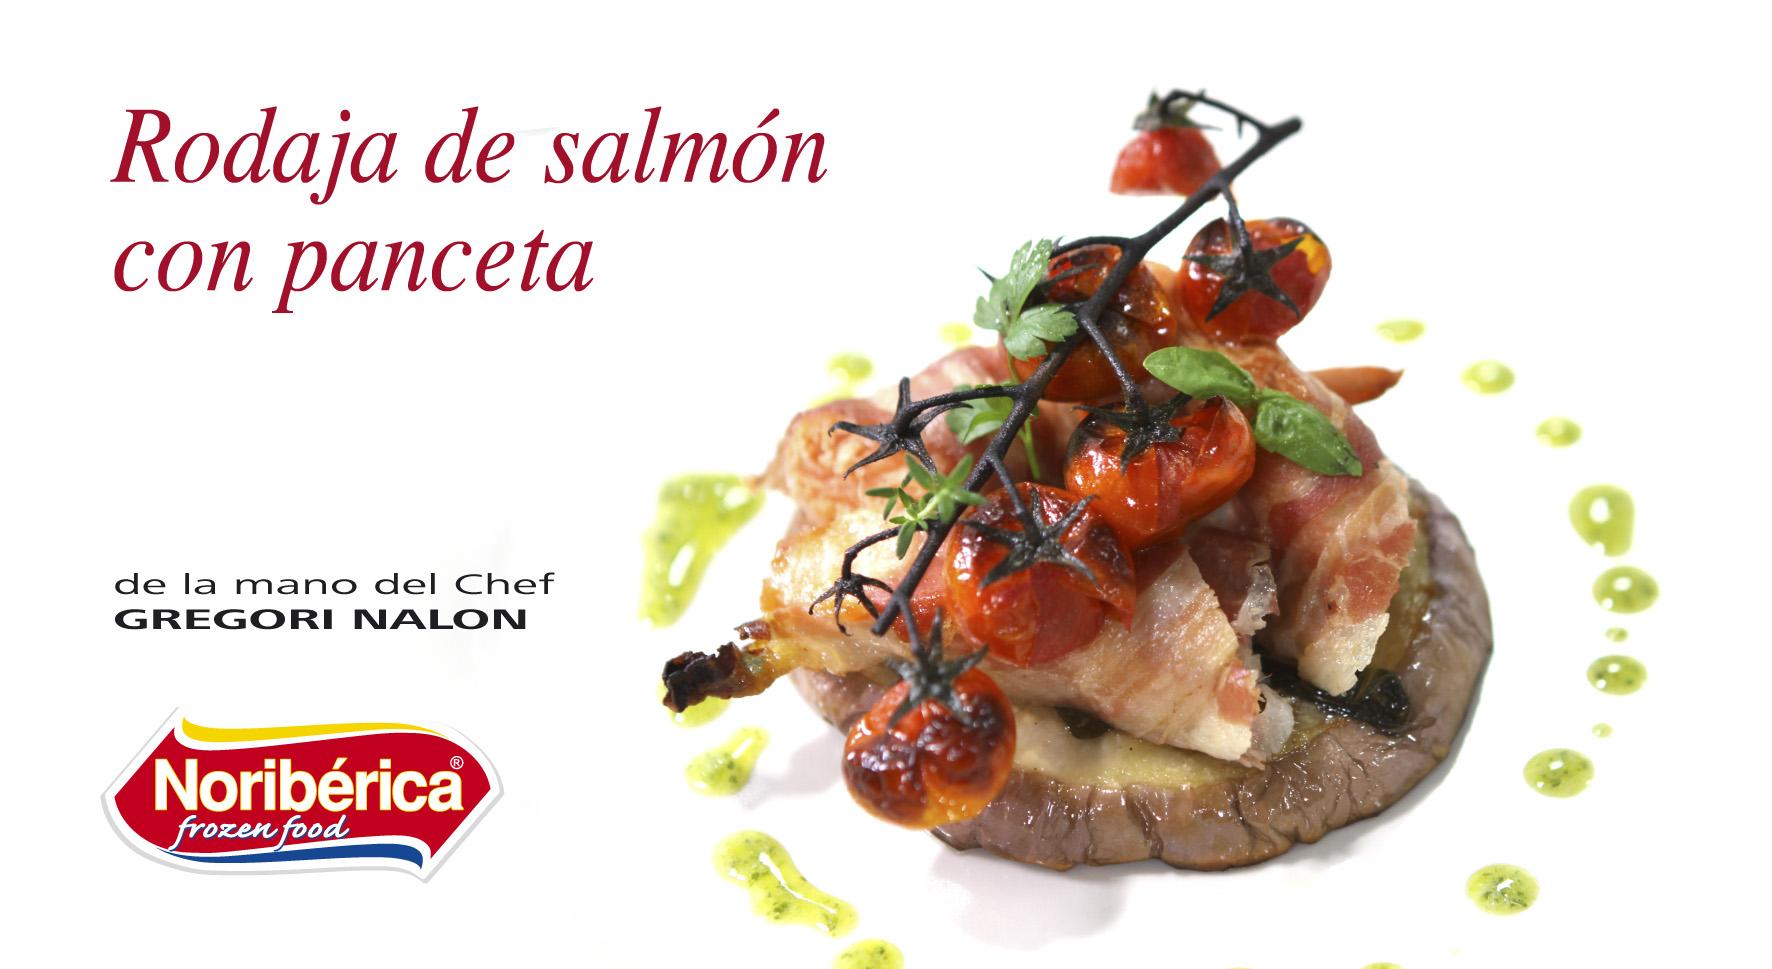 rodaja de salmon